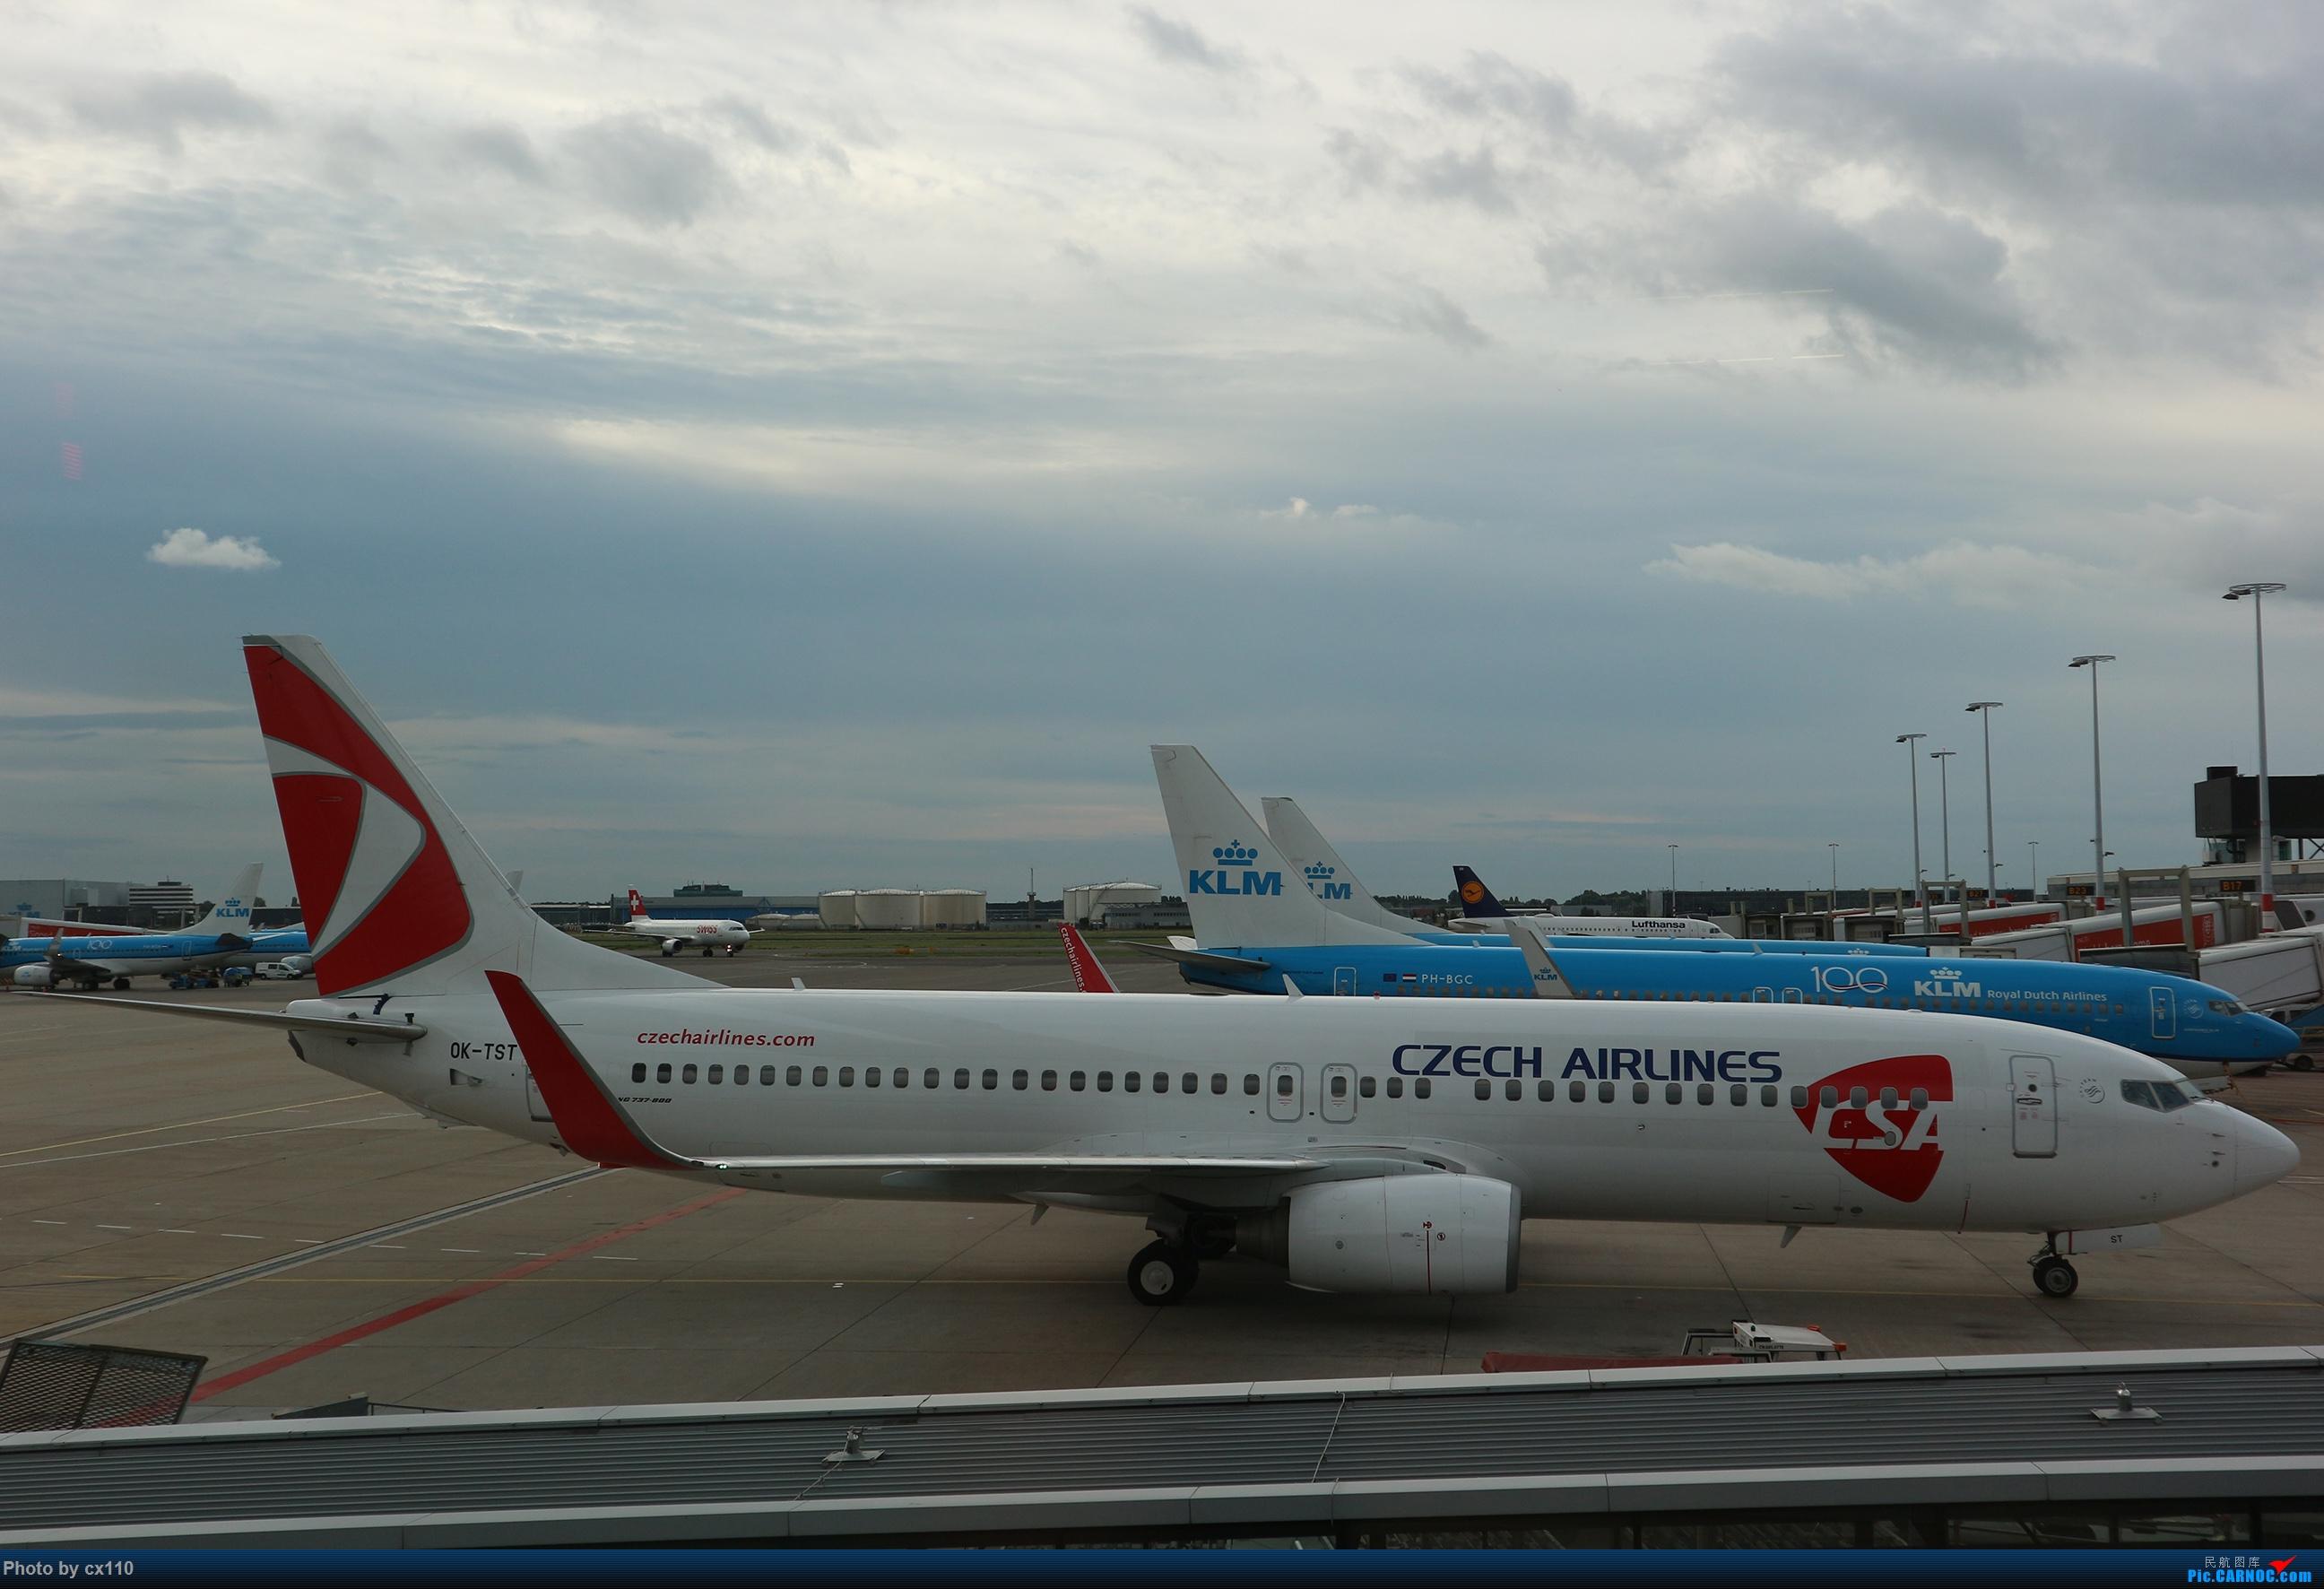 Re:[原创]欧洲机场拍机记-柏林/赫尔辛基/布拉格 BOEING 737-800 OK-TST 荷兰阿姆斯特丹史基浦机场